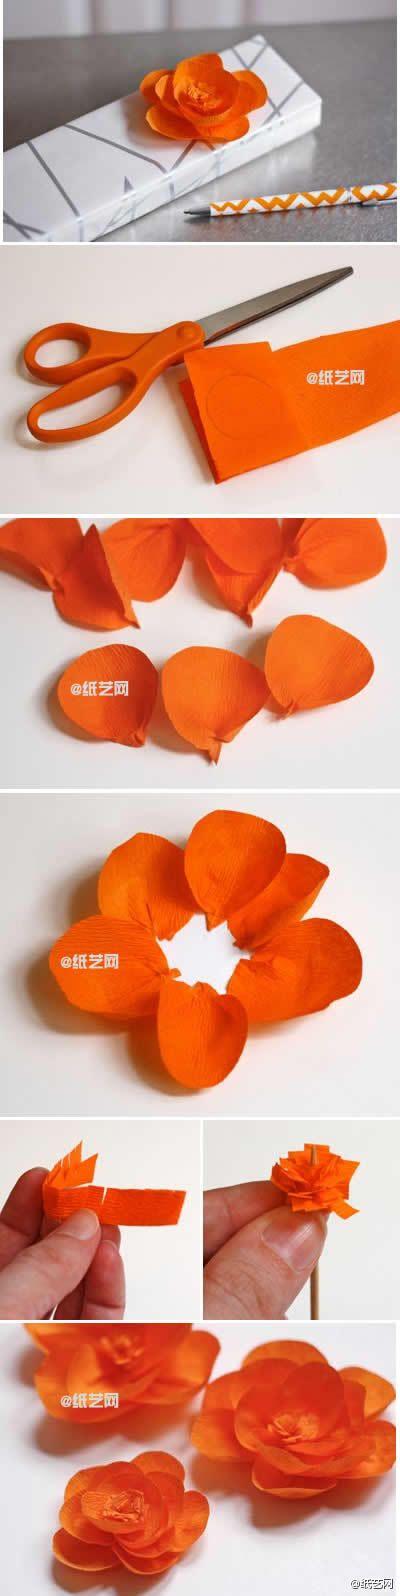 pretty decoration for tissue paper